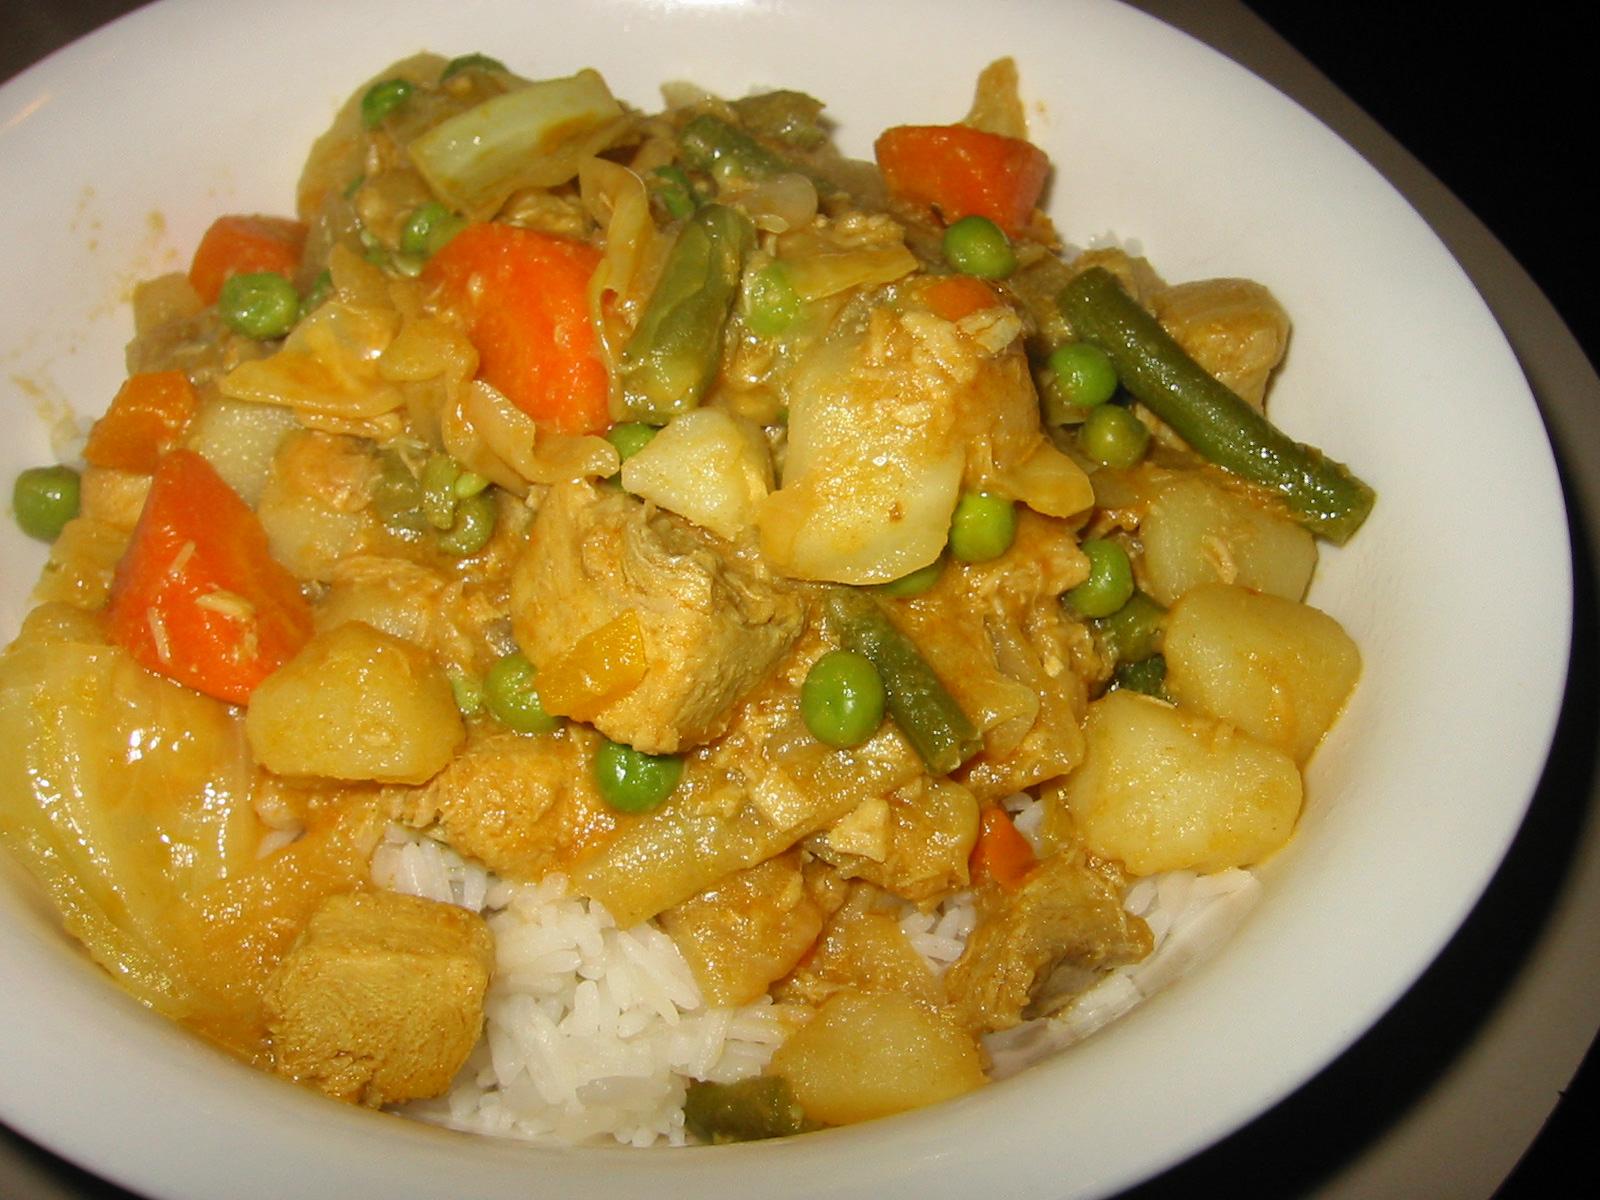 Shark and vegie curry